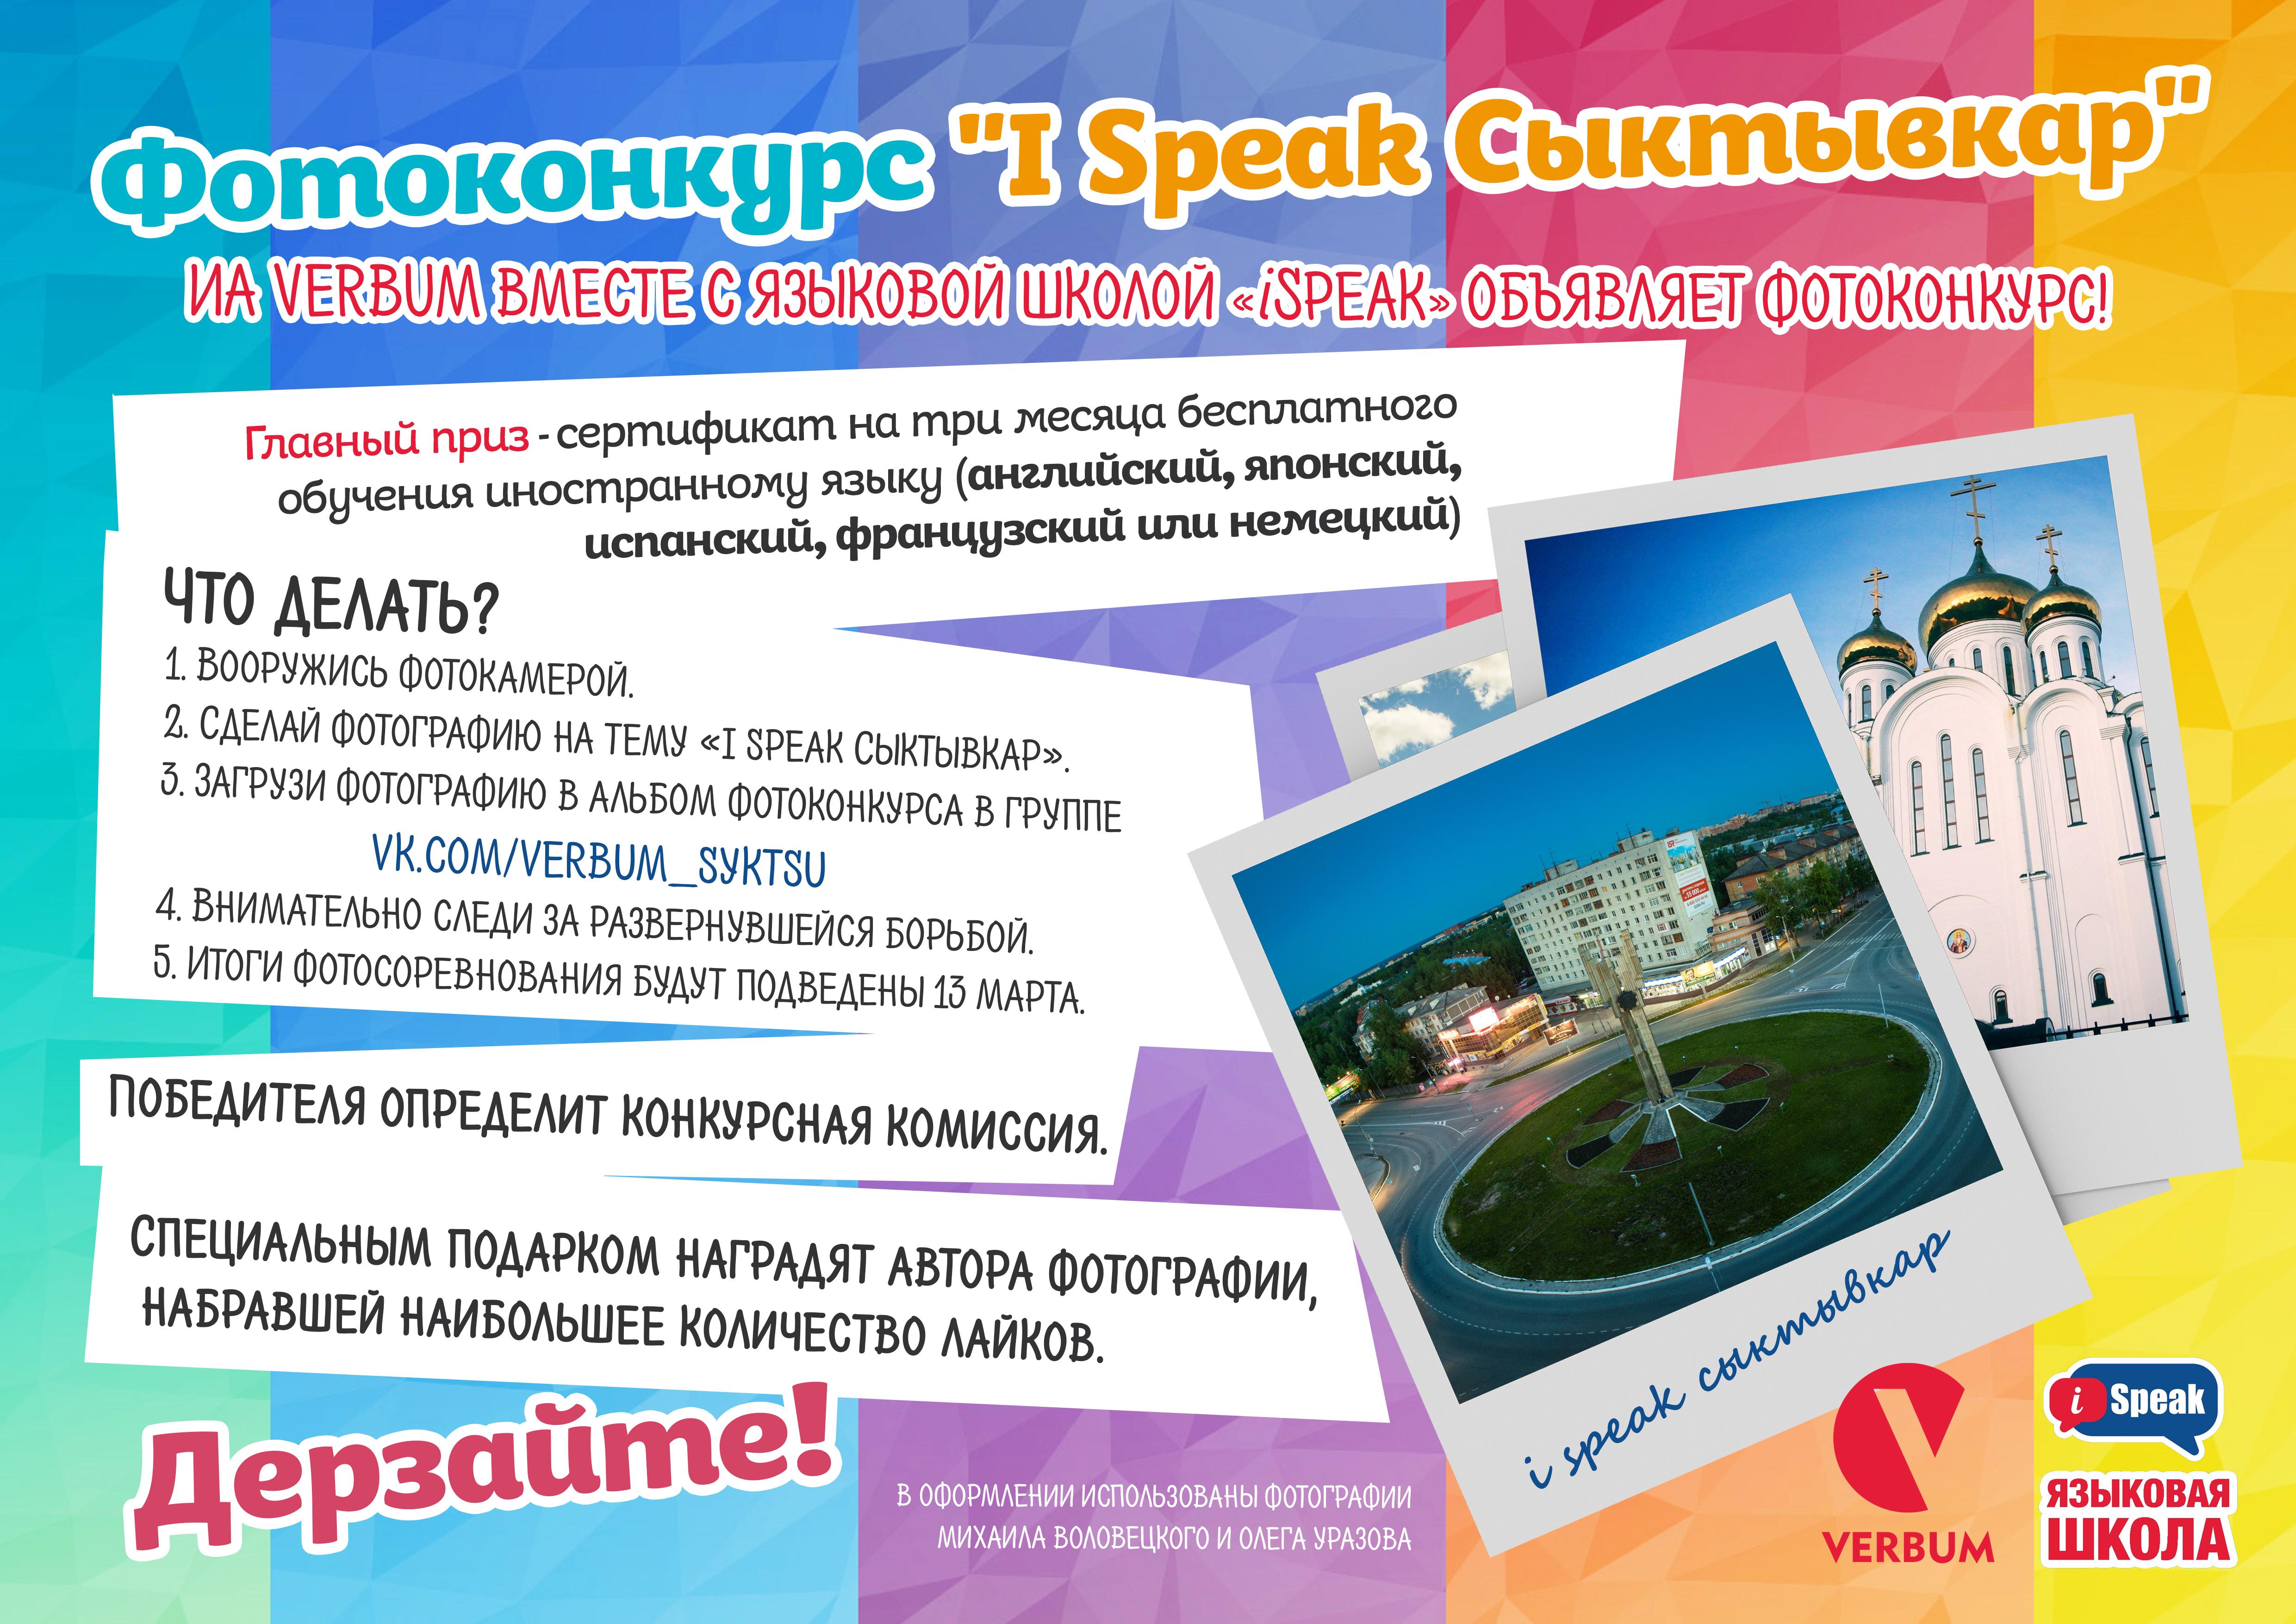 iSPEAK3